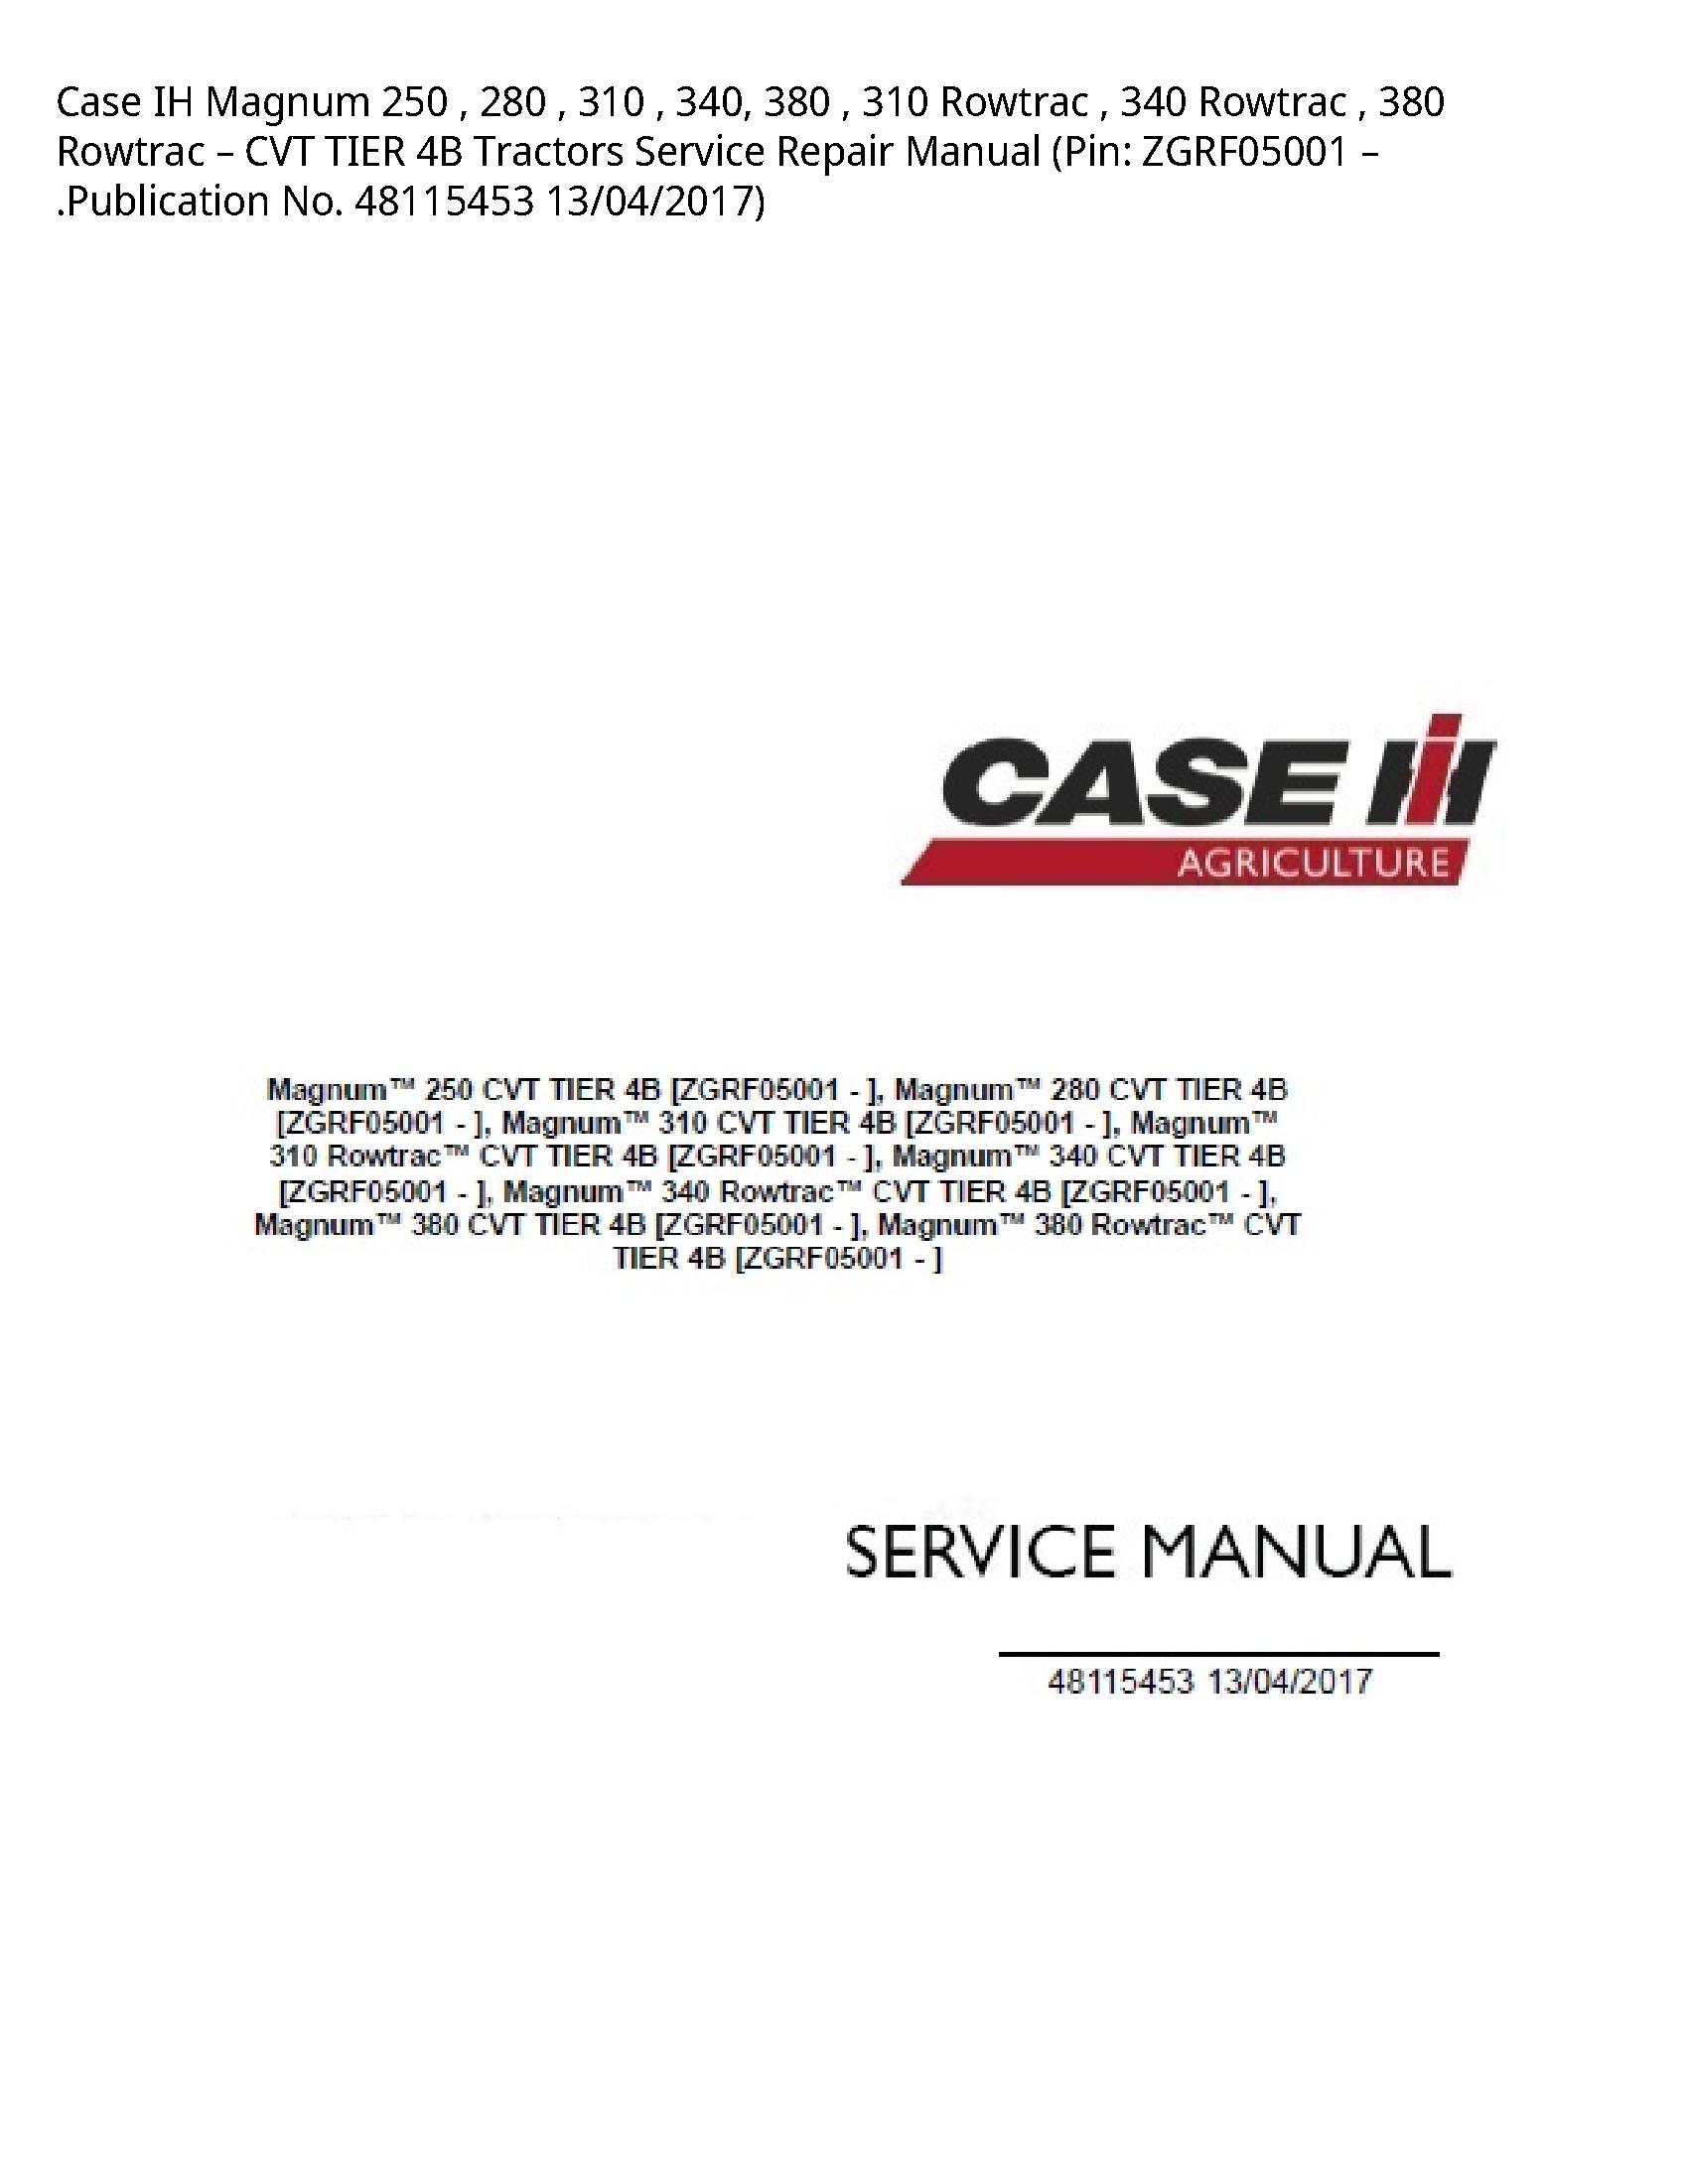 Case/Case IH 250 IH Magnum Rowtrac Rowtrac Rowtrac CVT TIER Tractors manual